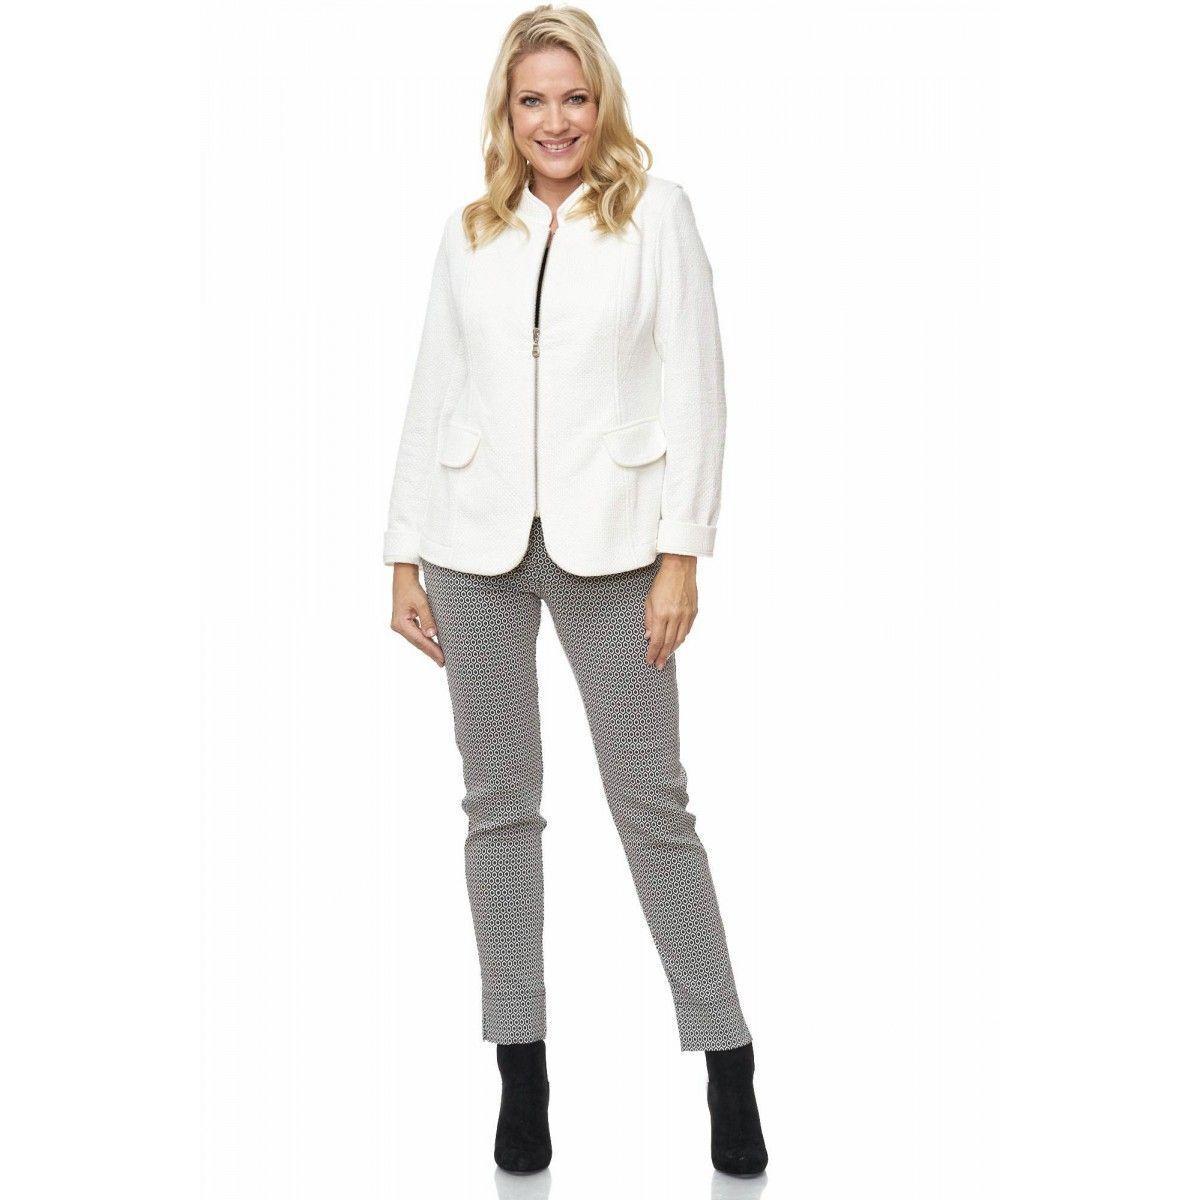 Pantalones Deslizamiento sin Cremallera Forma de Pretina Elástica black whiteo